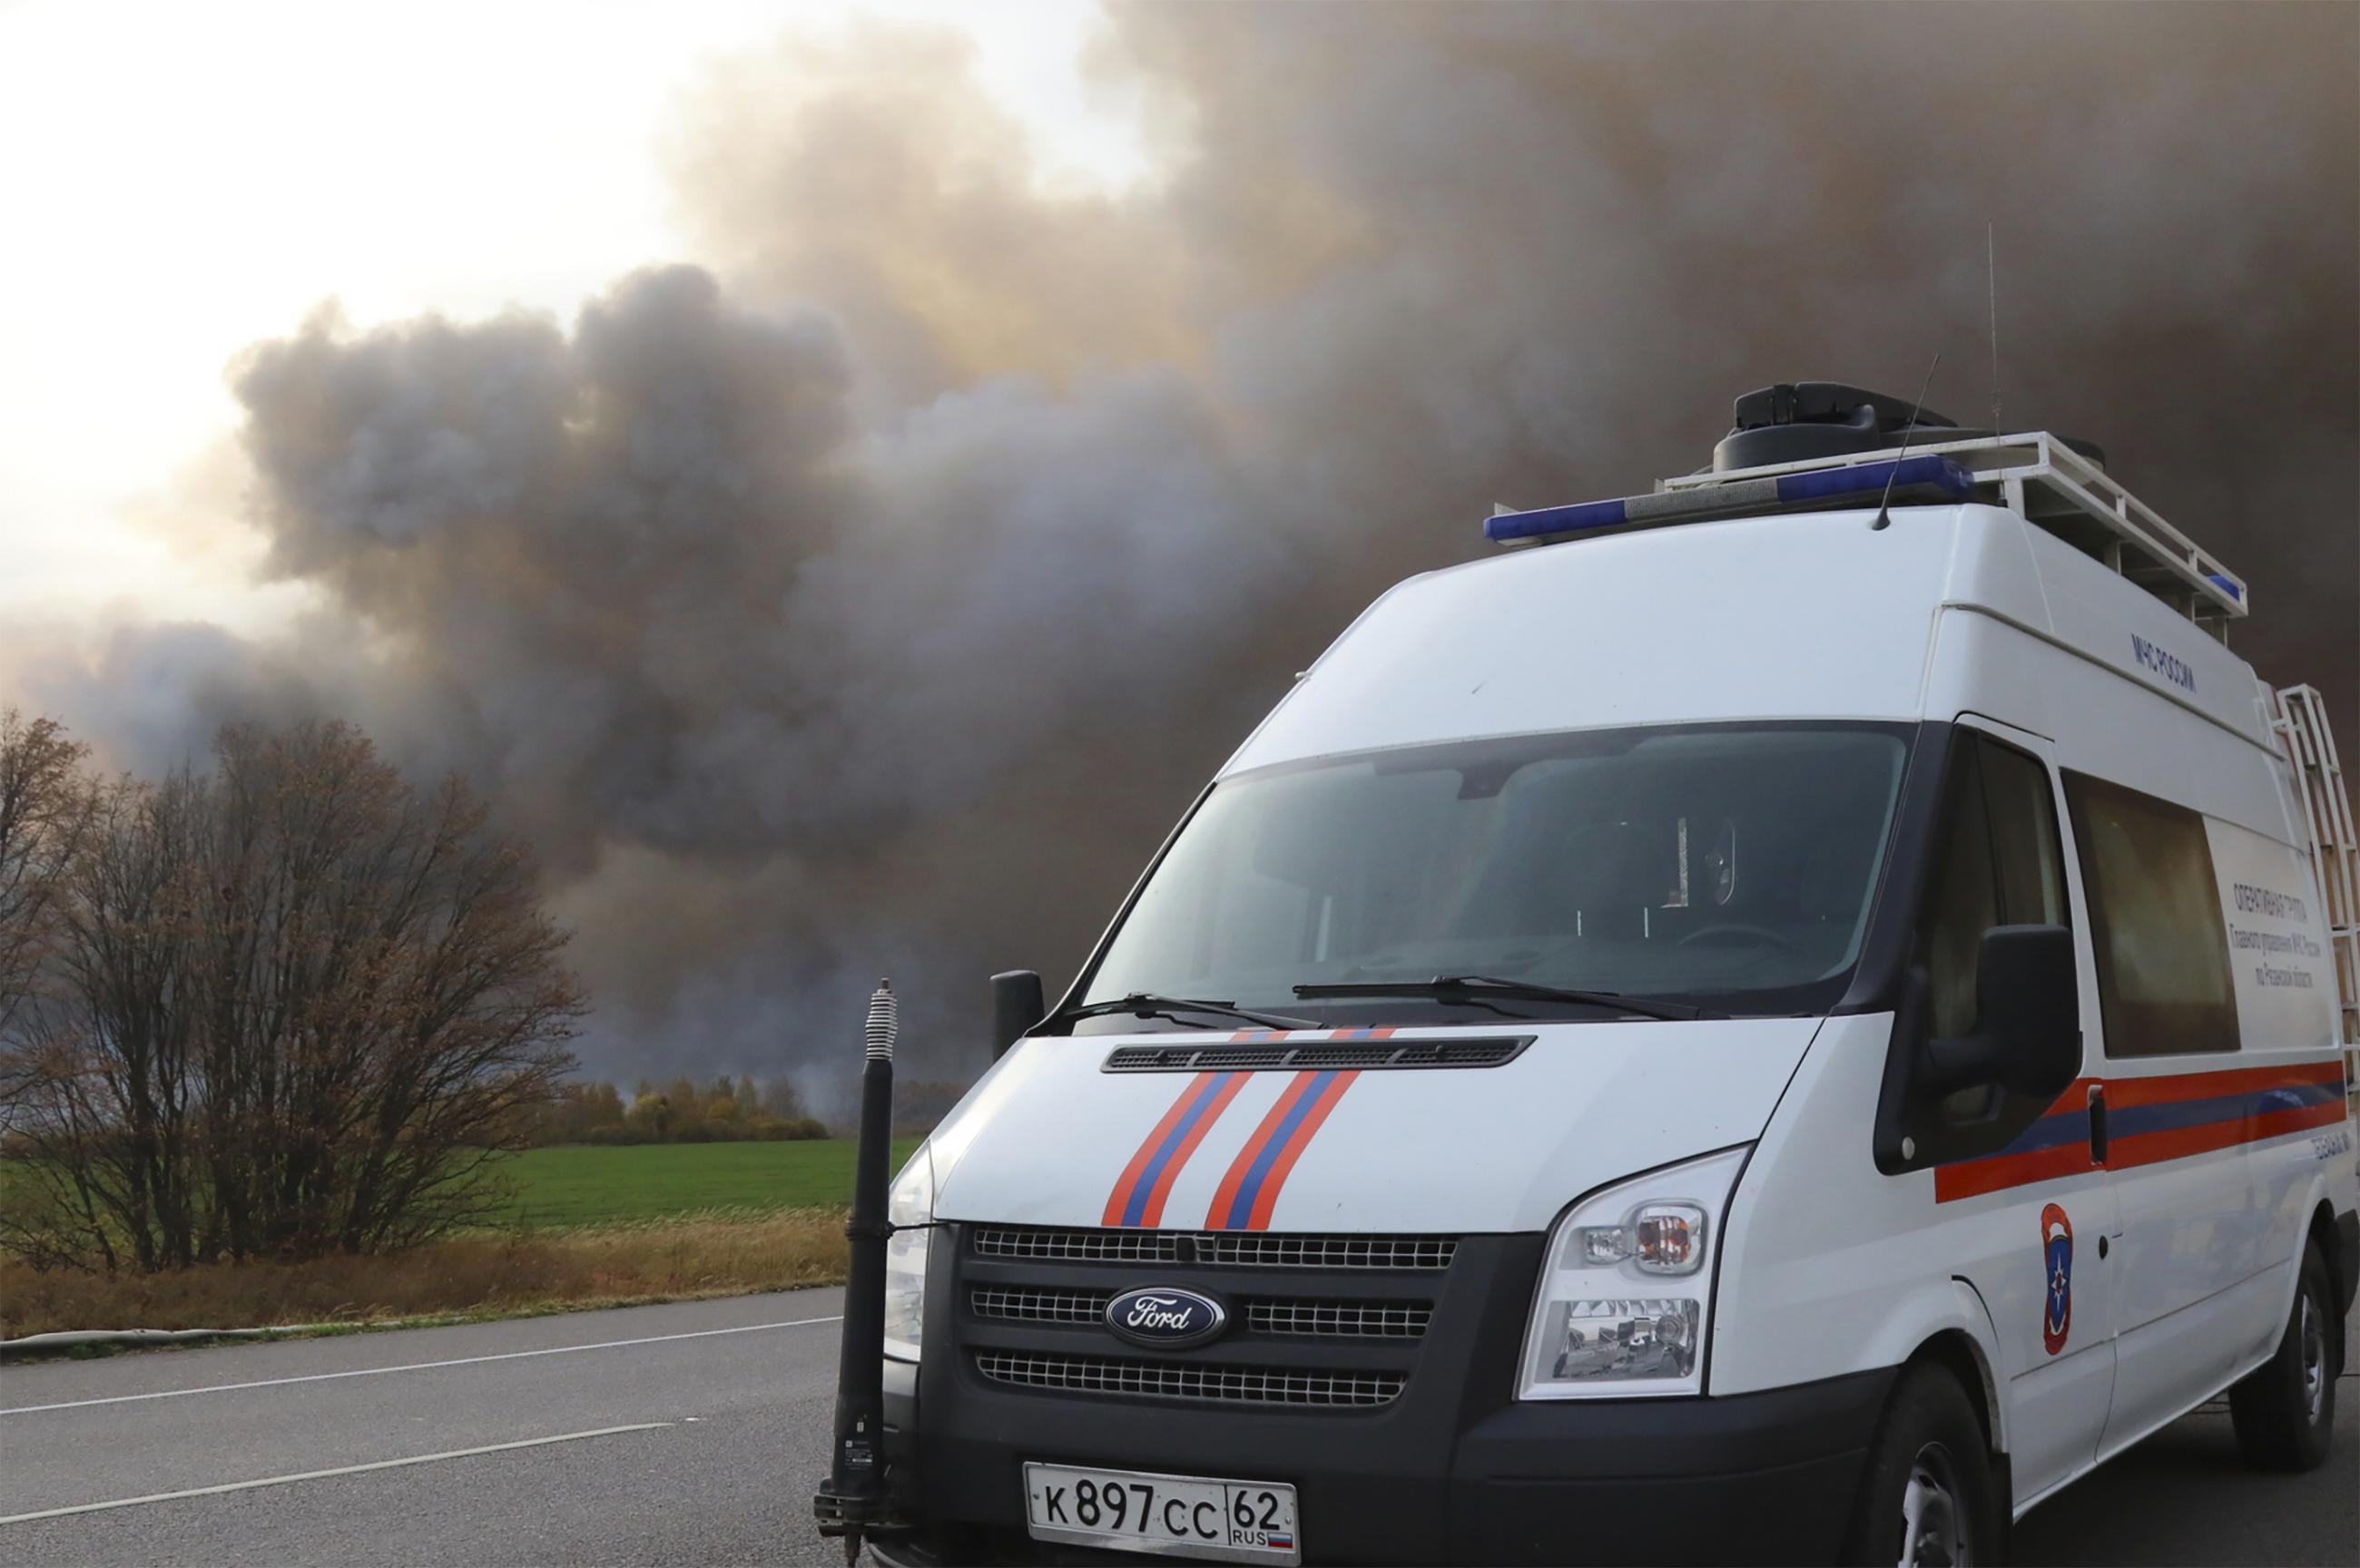 據悉,火災系軍火庫附近草地燃燒蔓延所致。大火造成軍火庫儲存的部分彈藥發生爆炸。爆炸未造成人員傷亡。(美聯社)